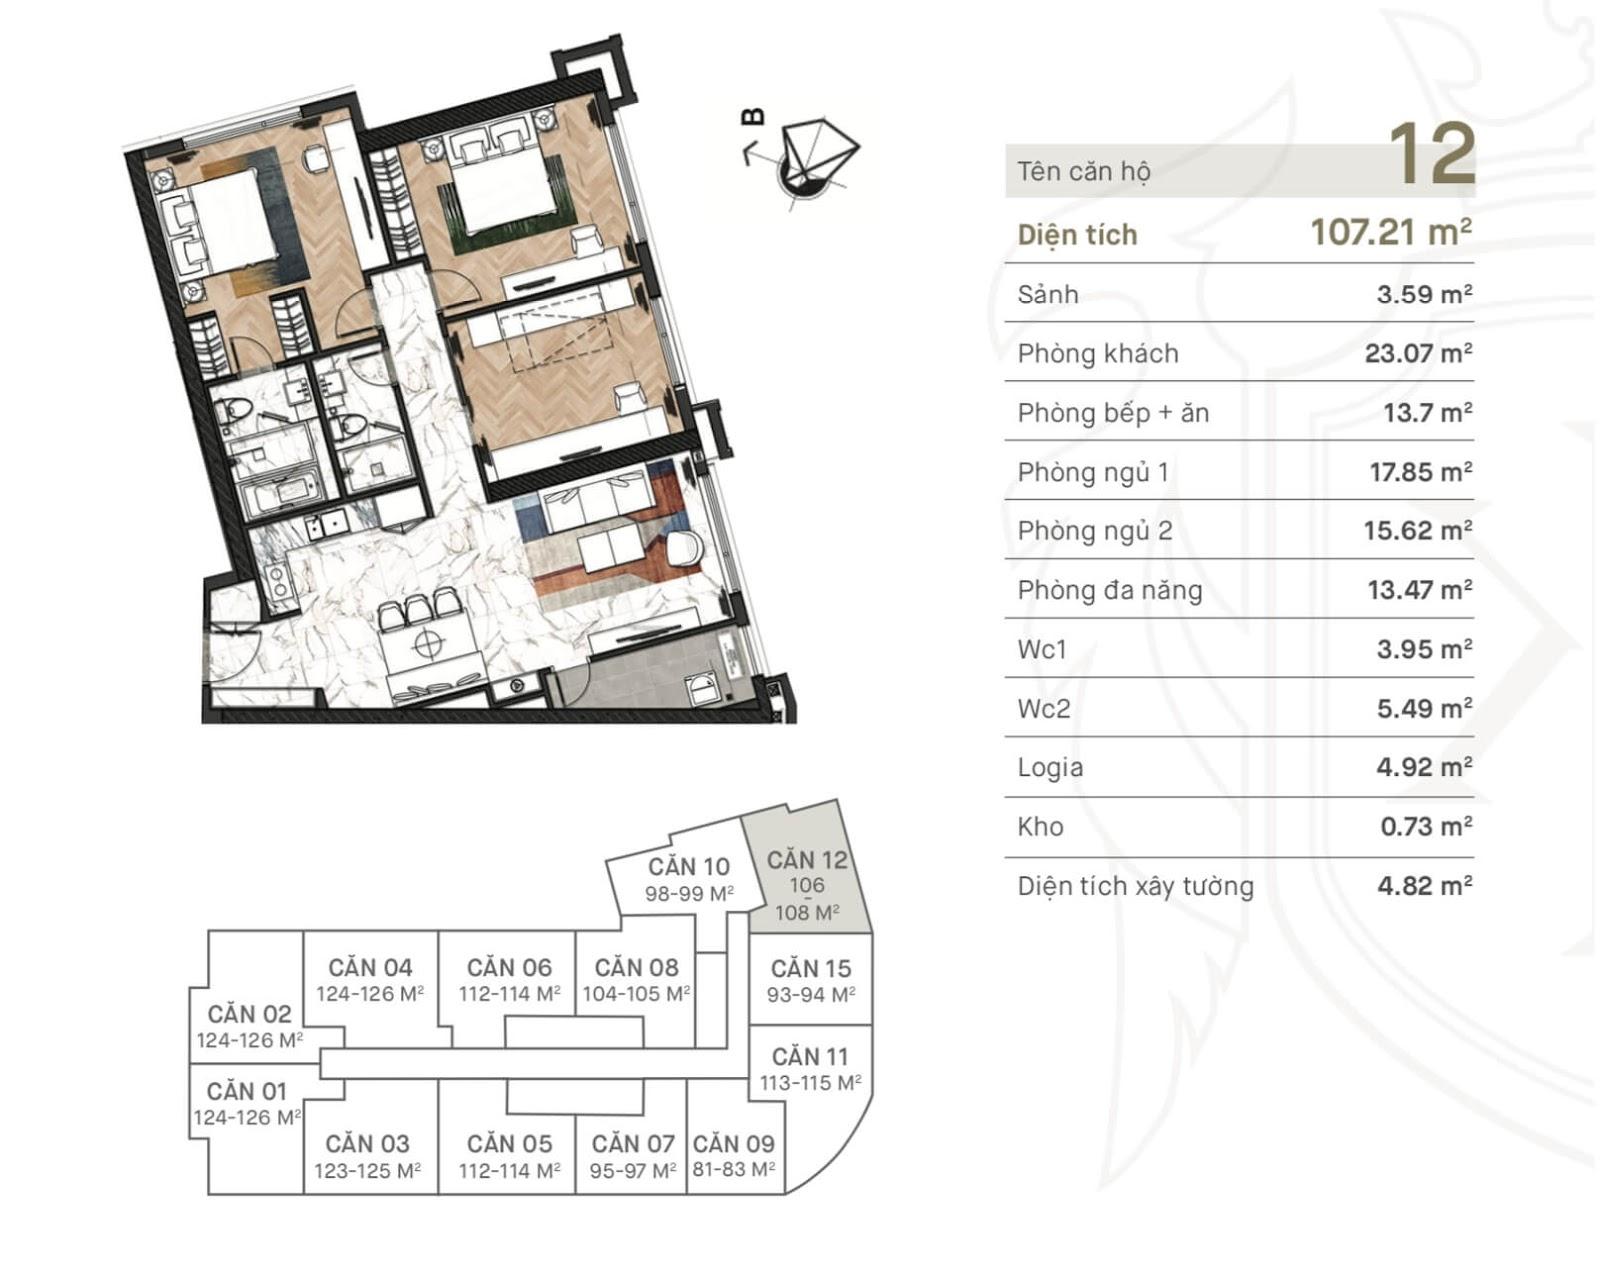 Thiết kế căn hộ 12 dự án King Palace